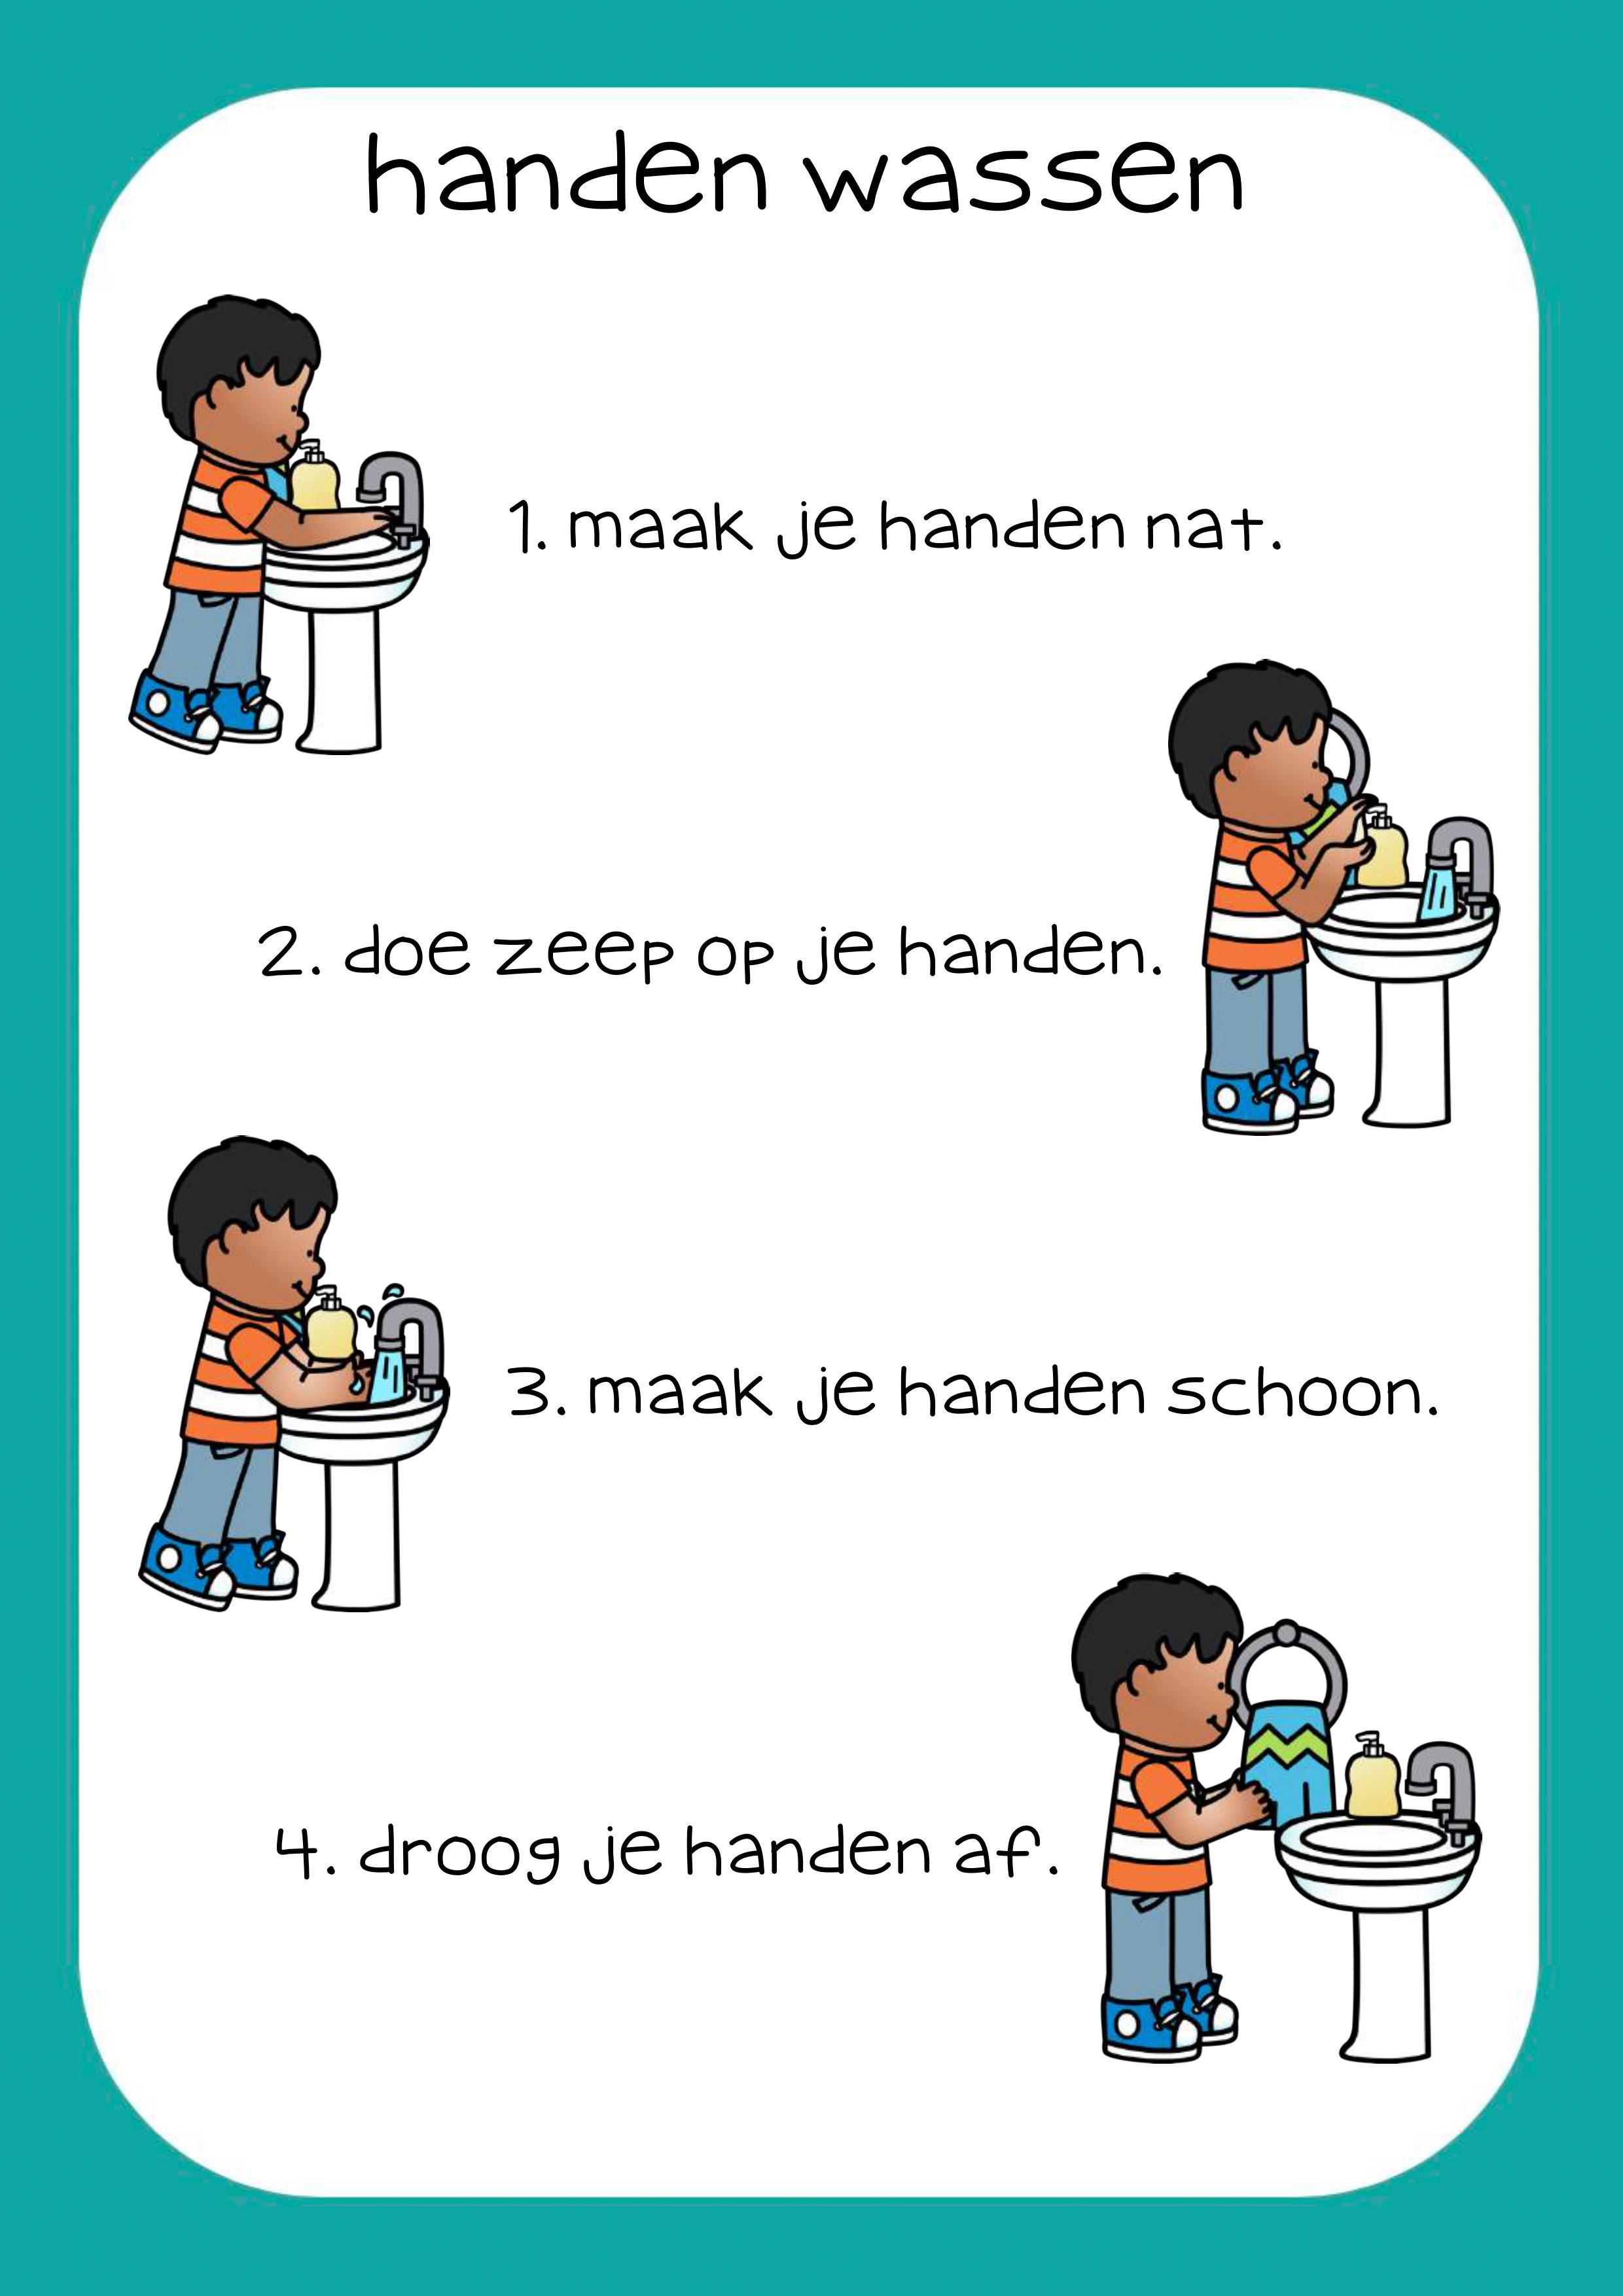 handen wassen stappenplan